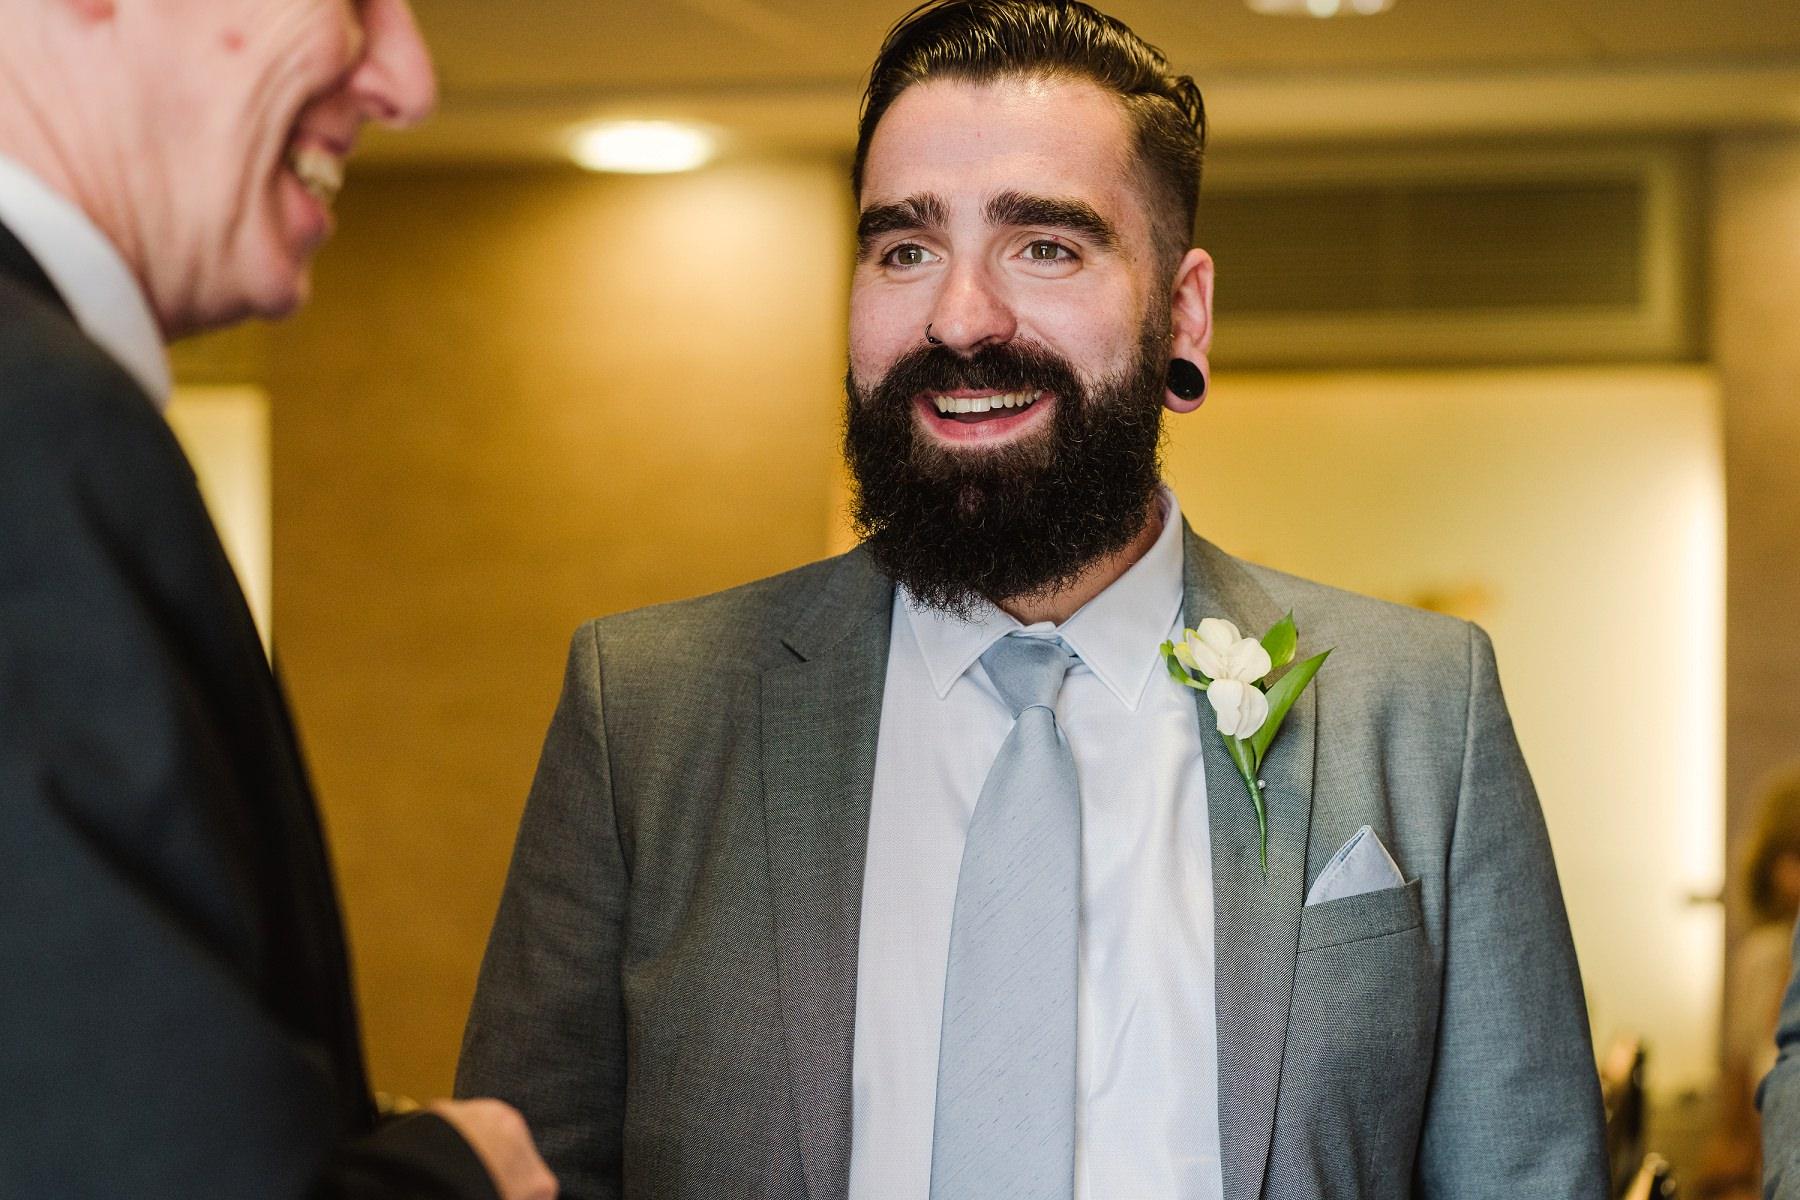 danny_alex_wedding_tease_0004.jpg